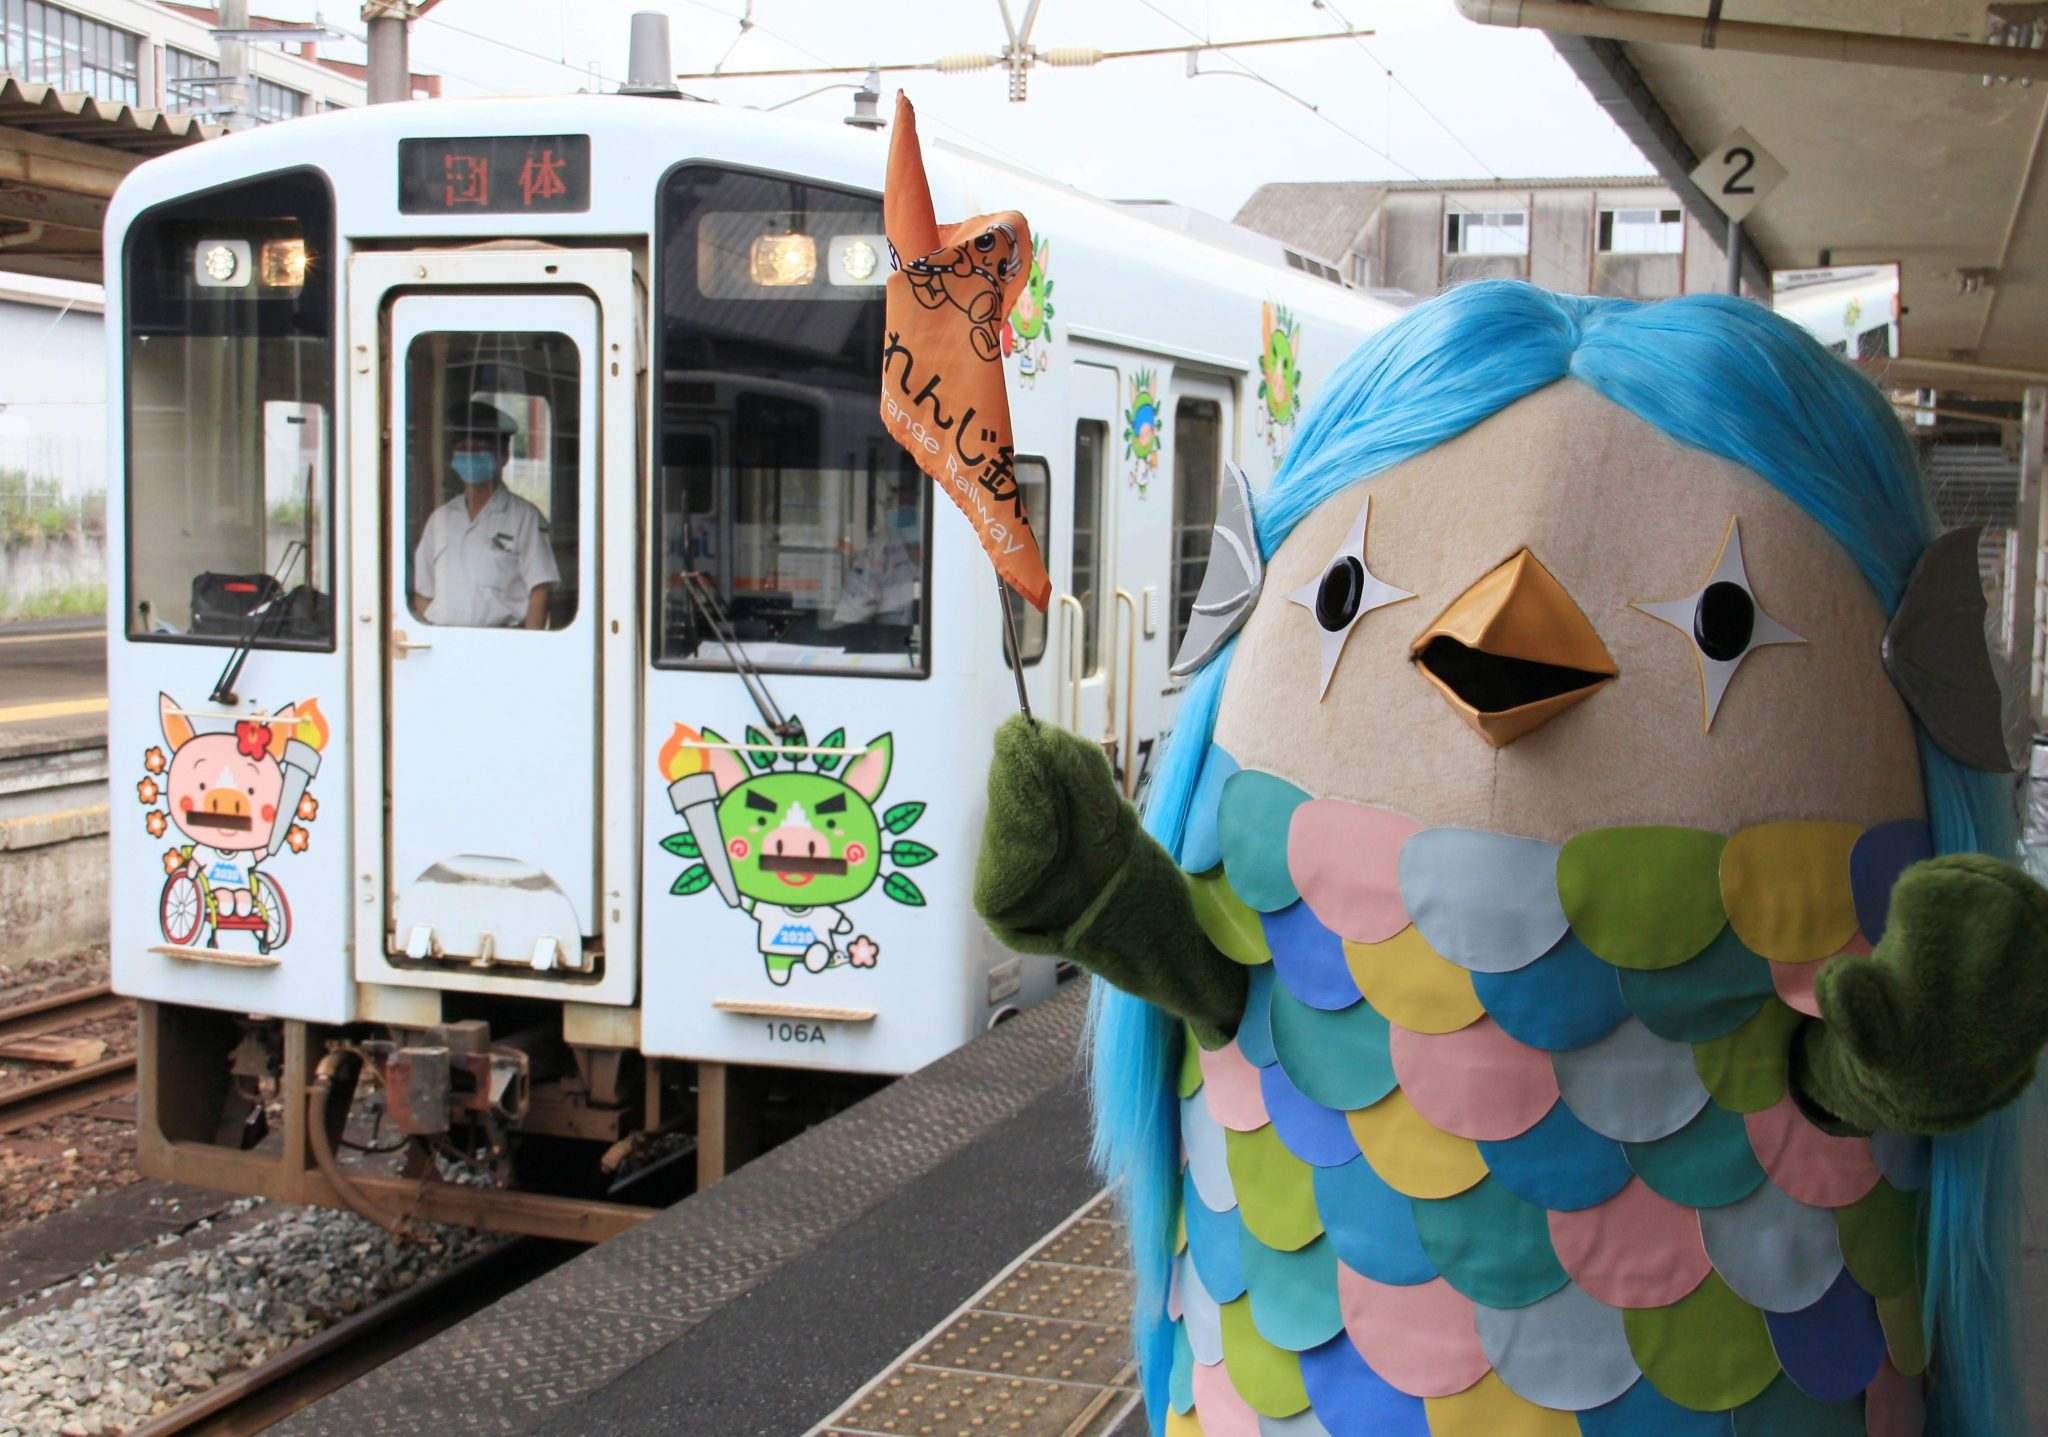 東川隆太郎さんとめぐる北薩・疫病退散の旅 イメージ画像